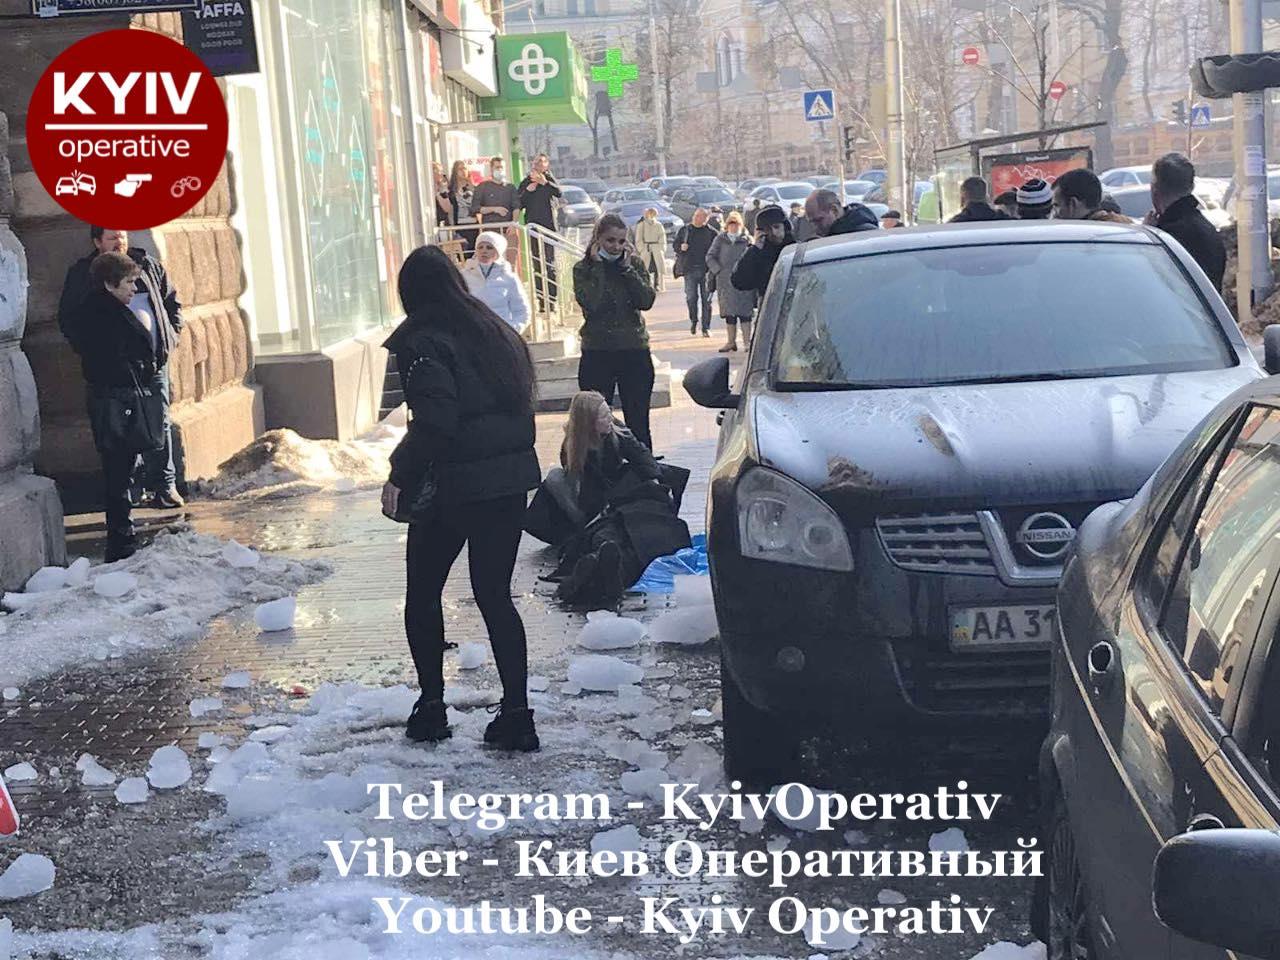 В центрі Києва на дівчину впала величезна брила льоду: її намагаються врятувати пішоходи (фото)